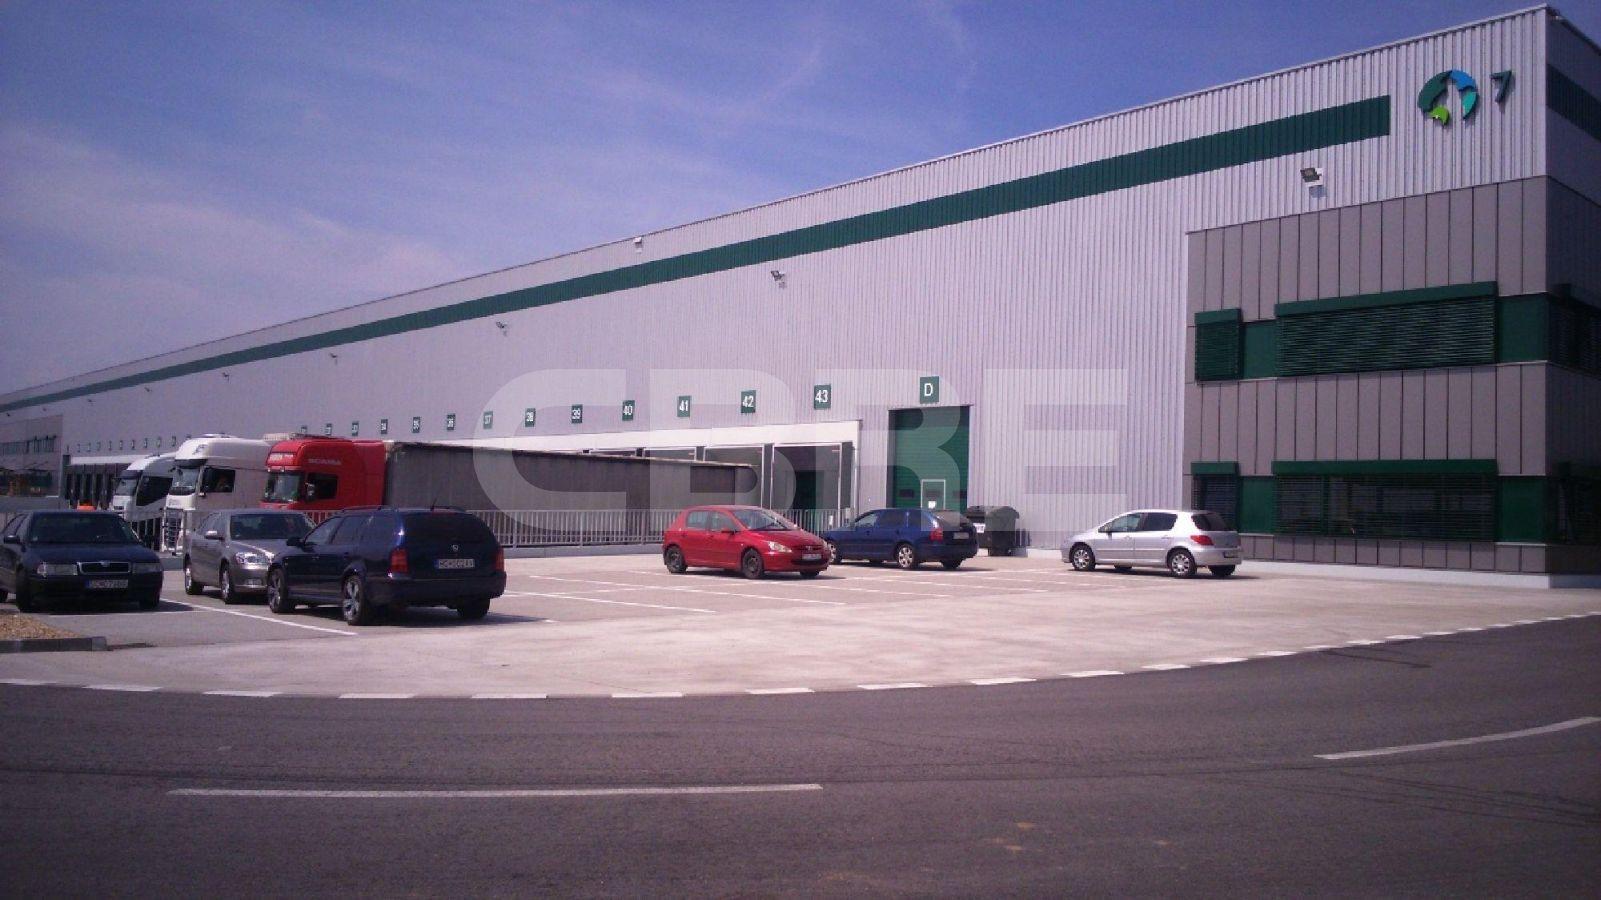 Prologis Park Senec - DC7 8 898 sq m, Bratislava Region, Senec | Warehouses for rent or sale by CBRE | 1